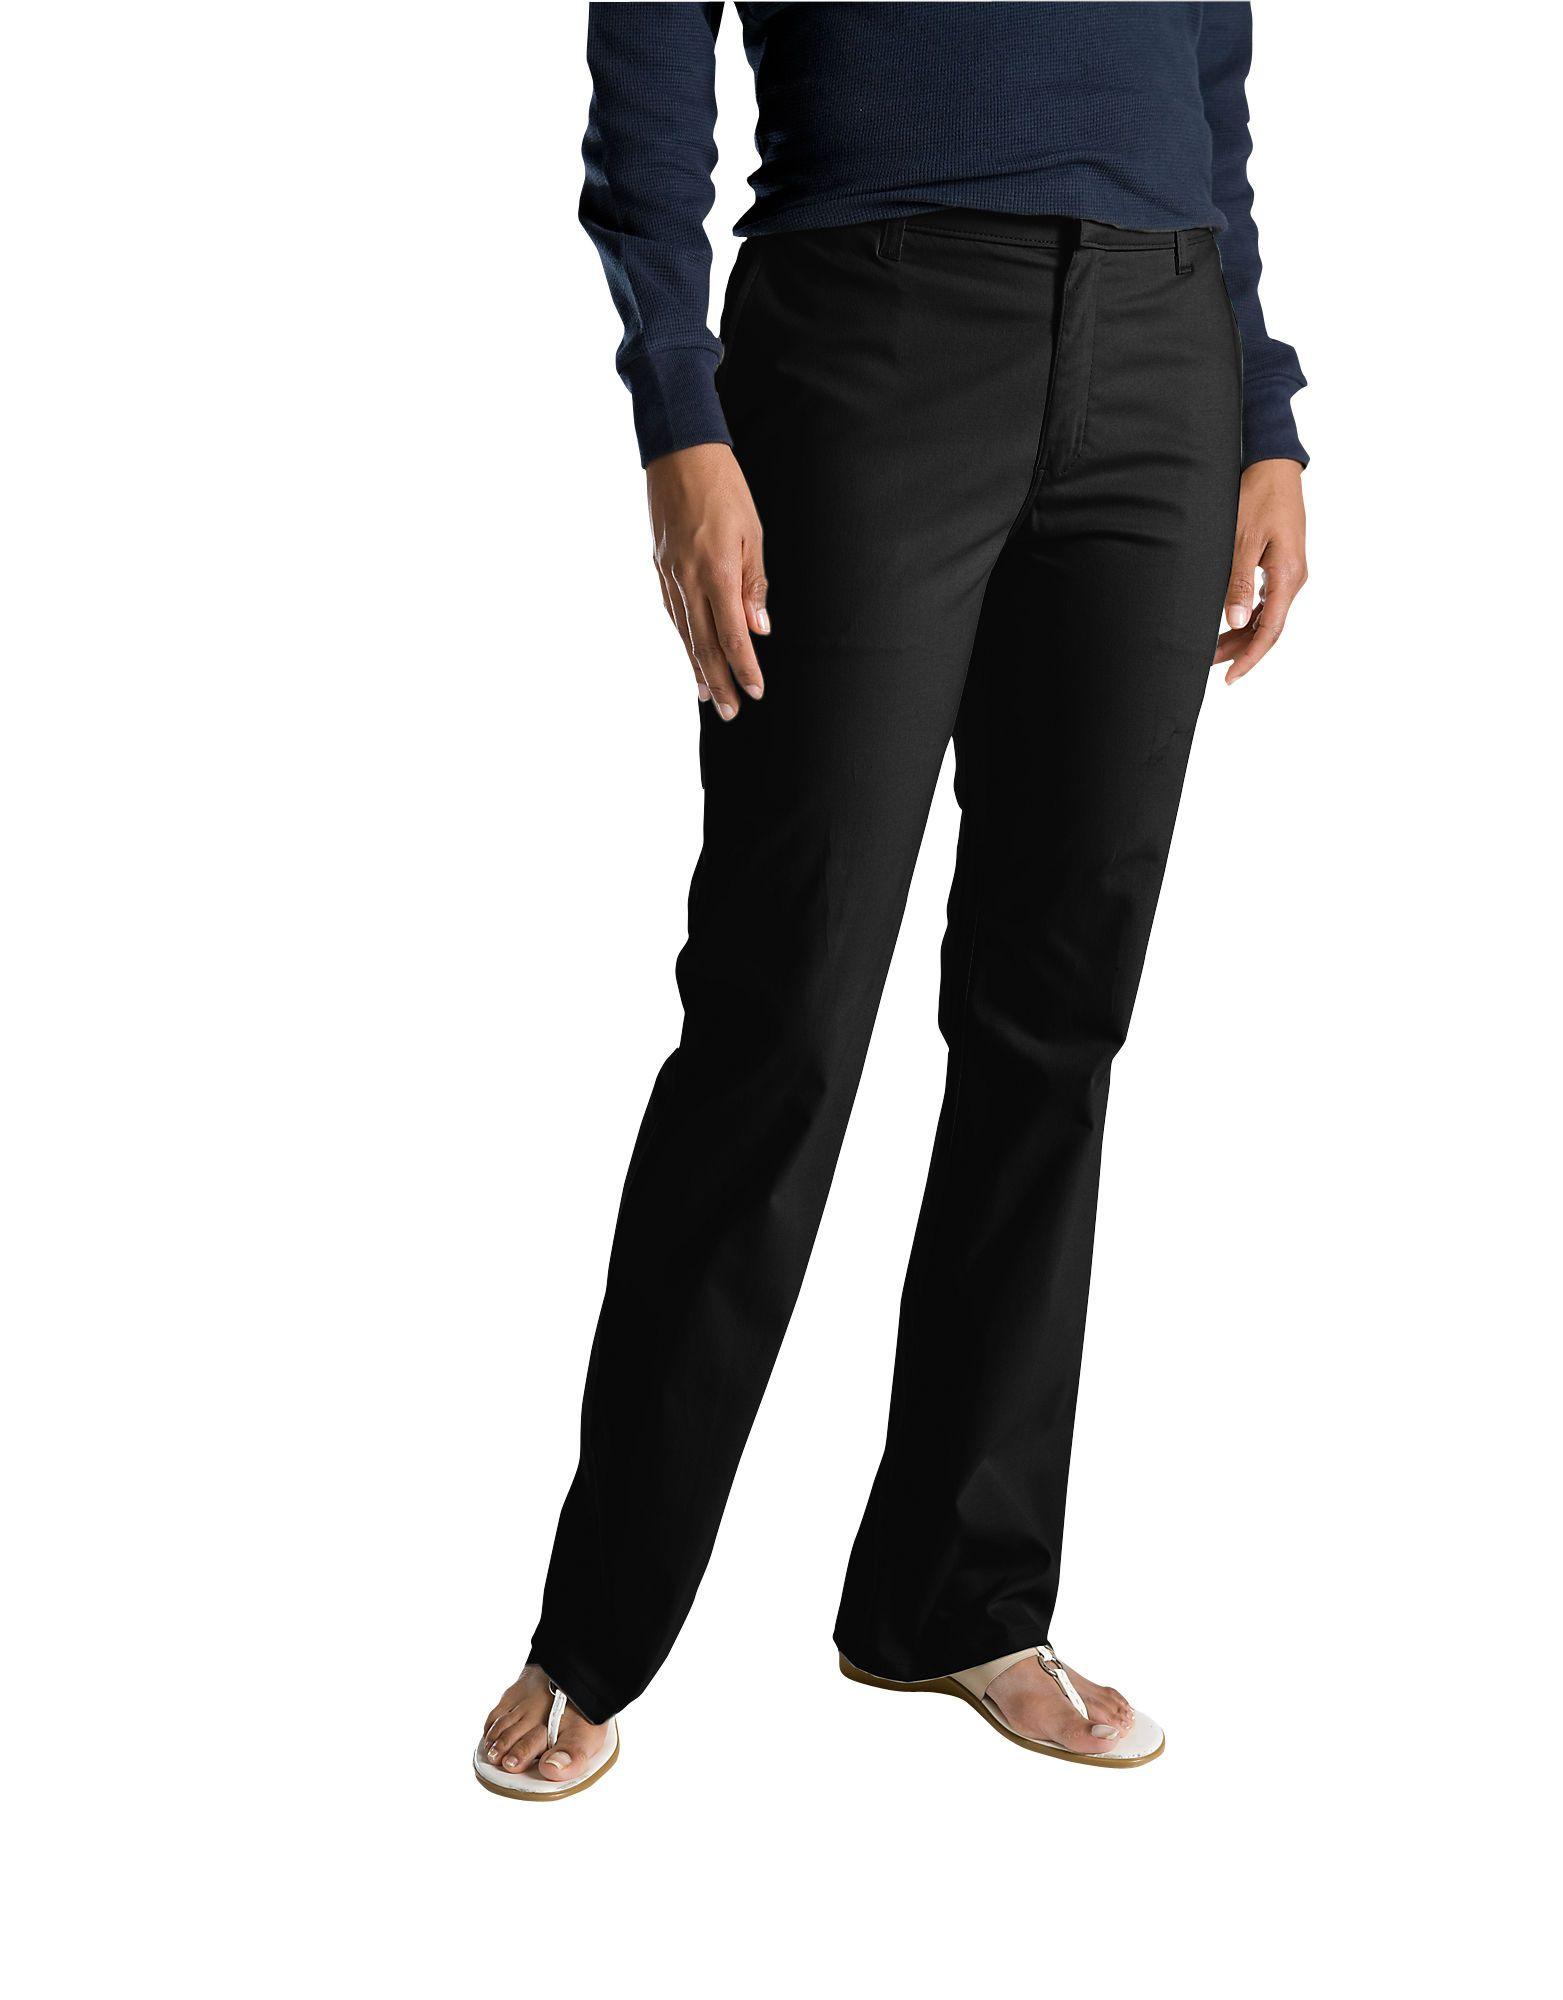 ec65ff84308 Dickies Women s Slim Fit Boot Cut Stretch Twill Pant FP121 Black ...